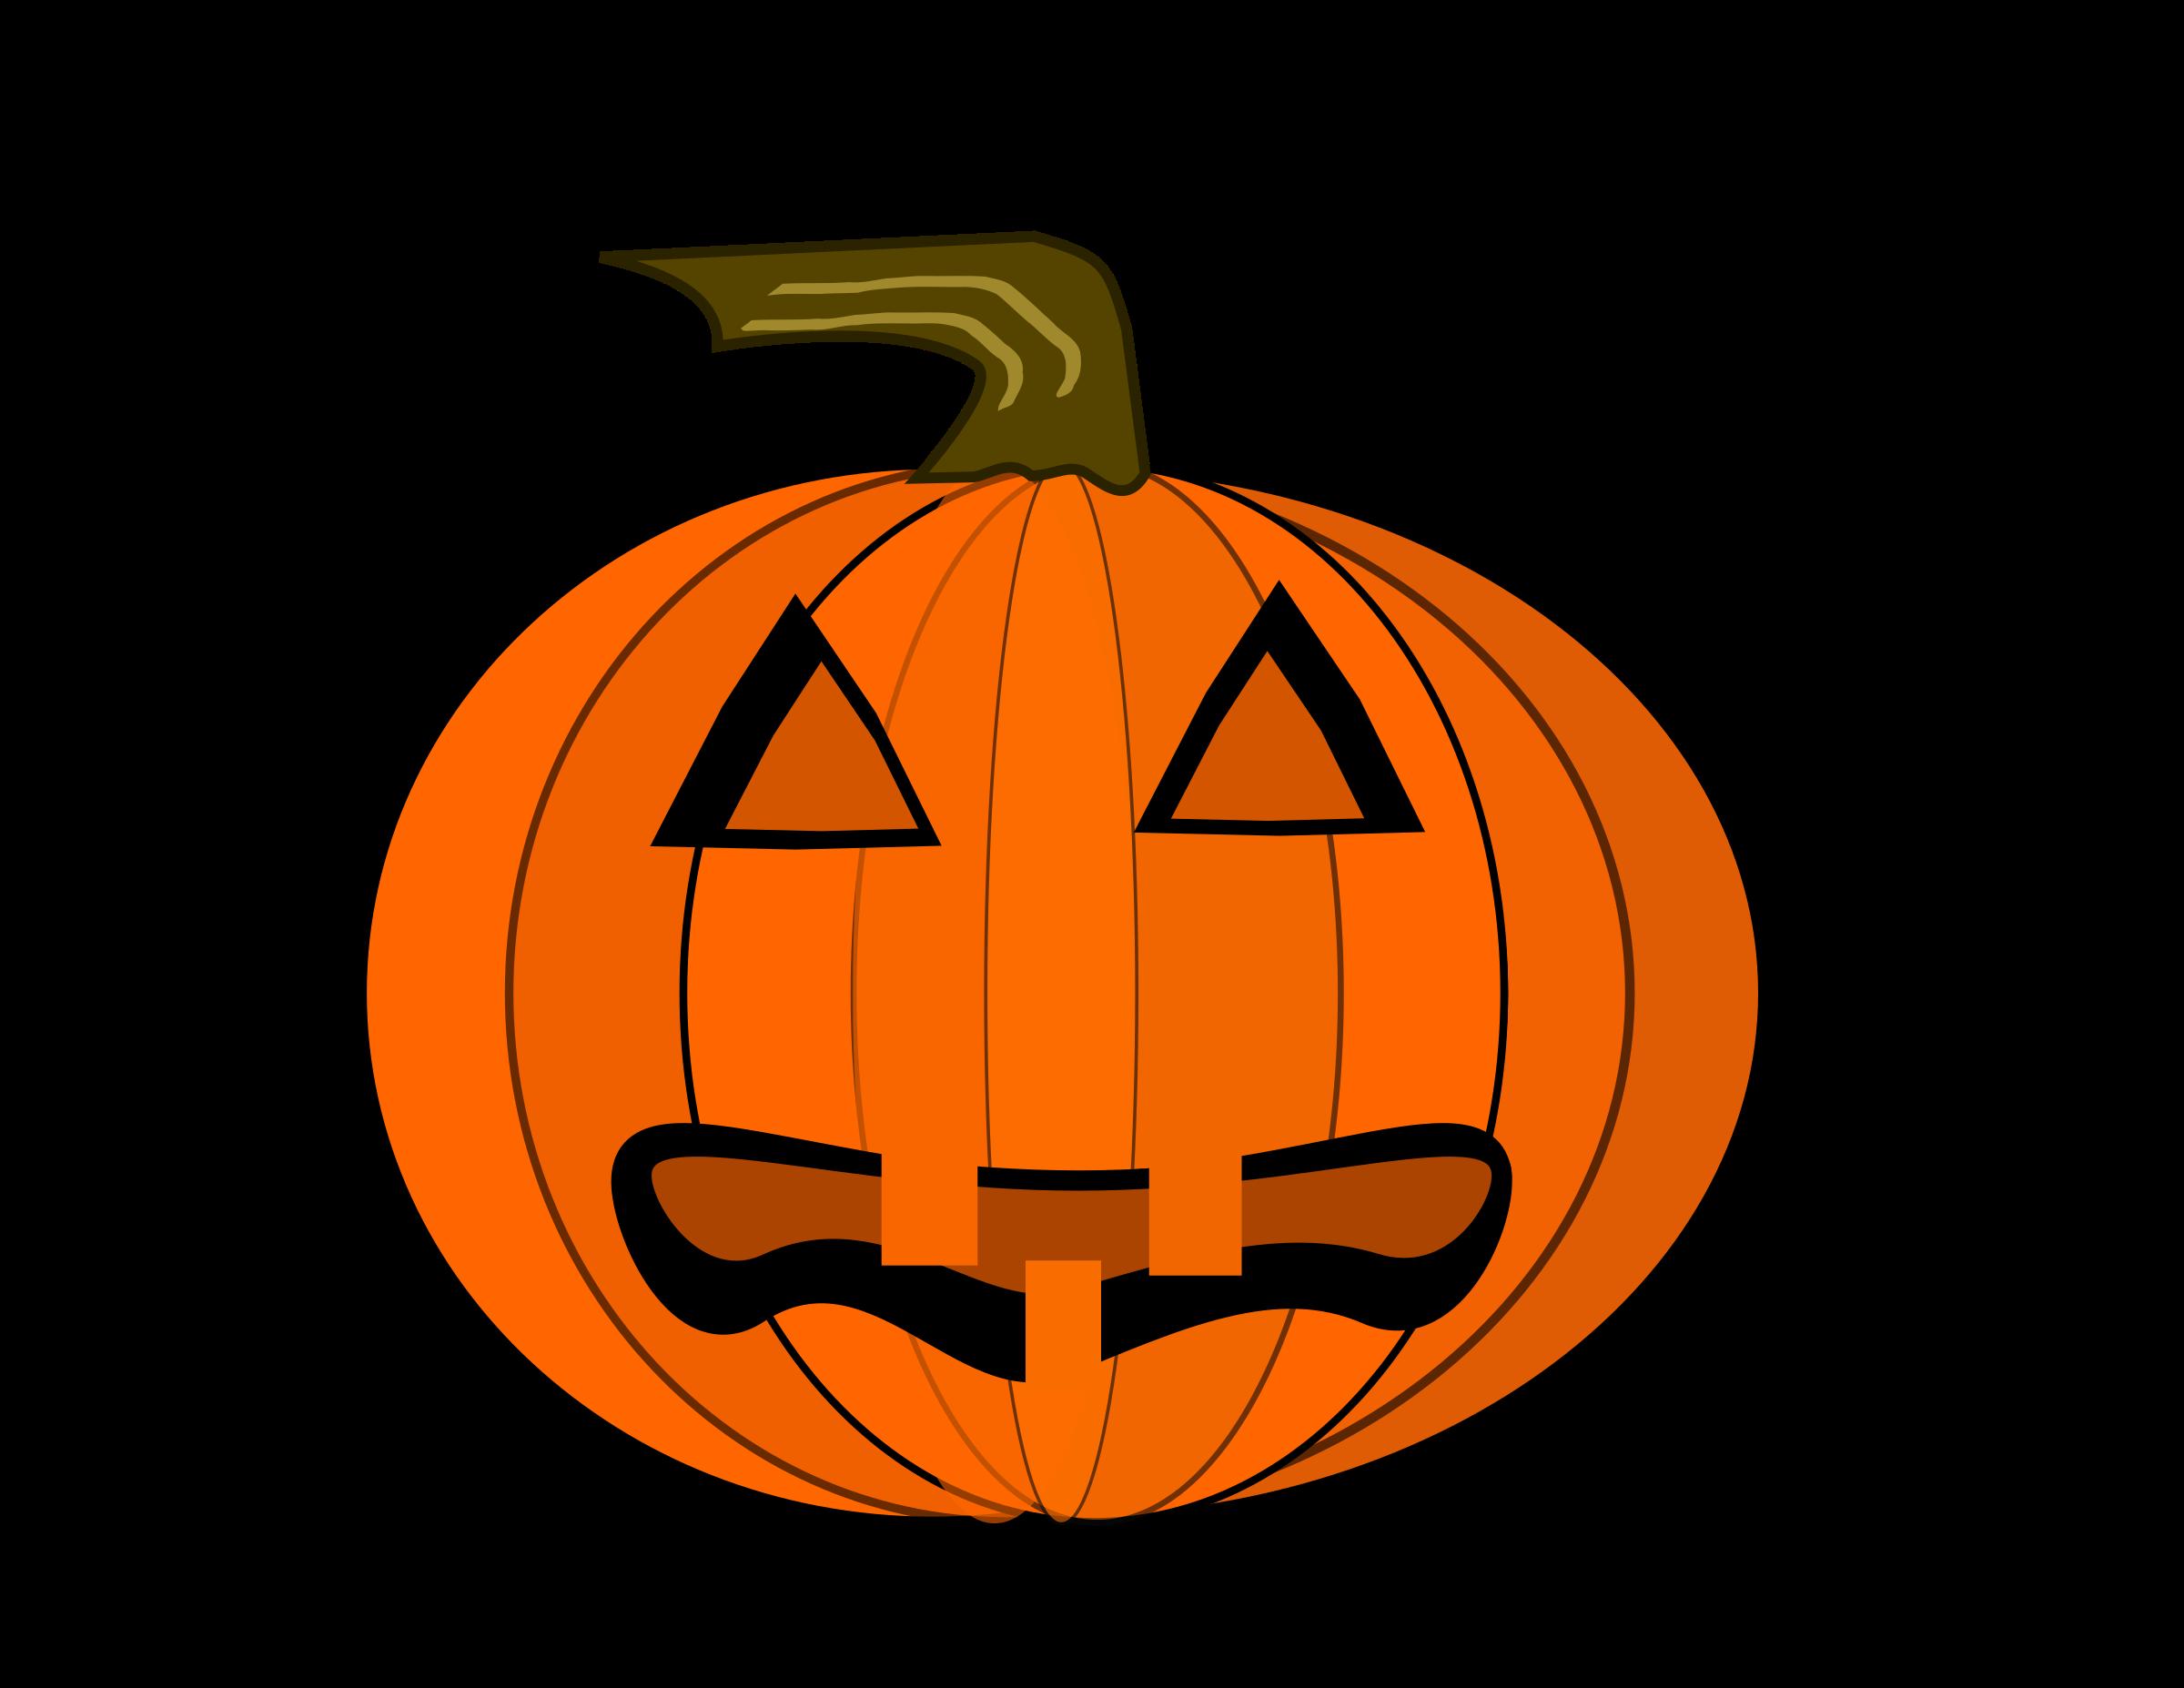 clipart pumpkin vintage